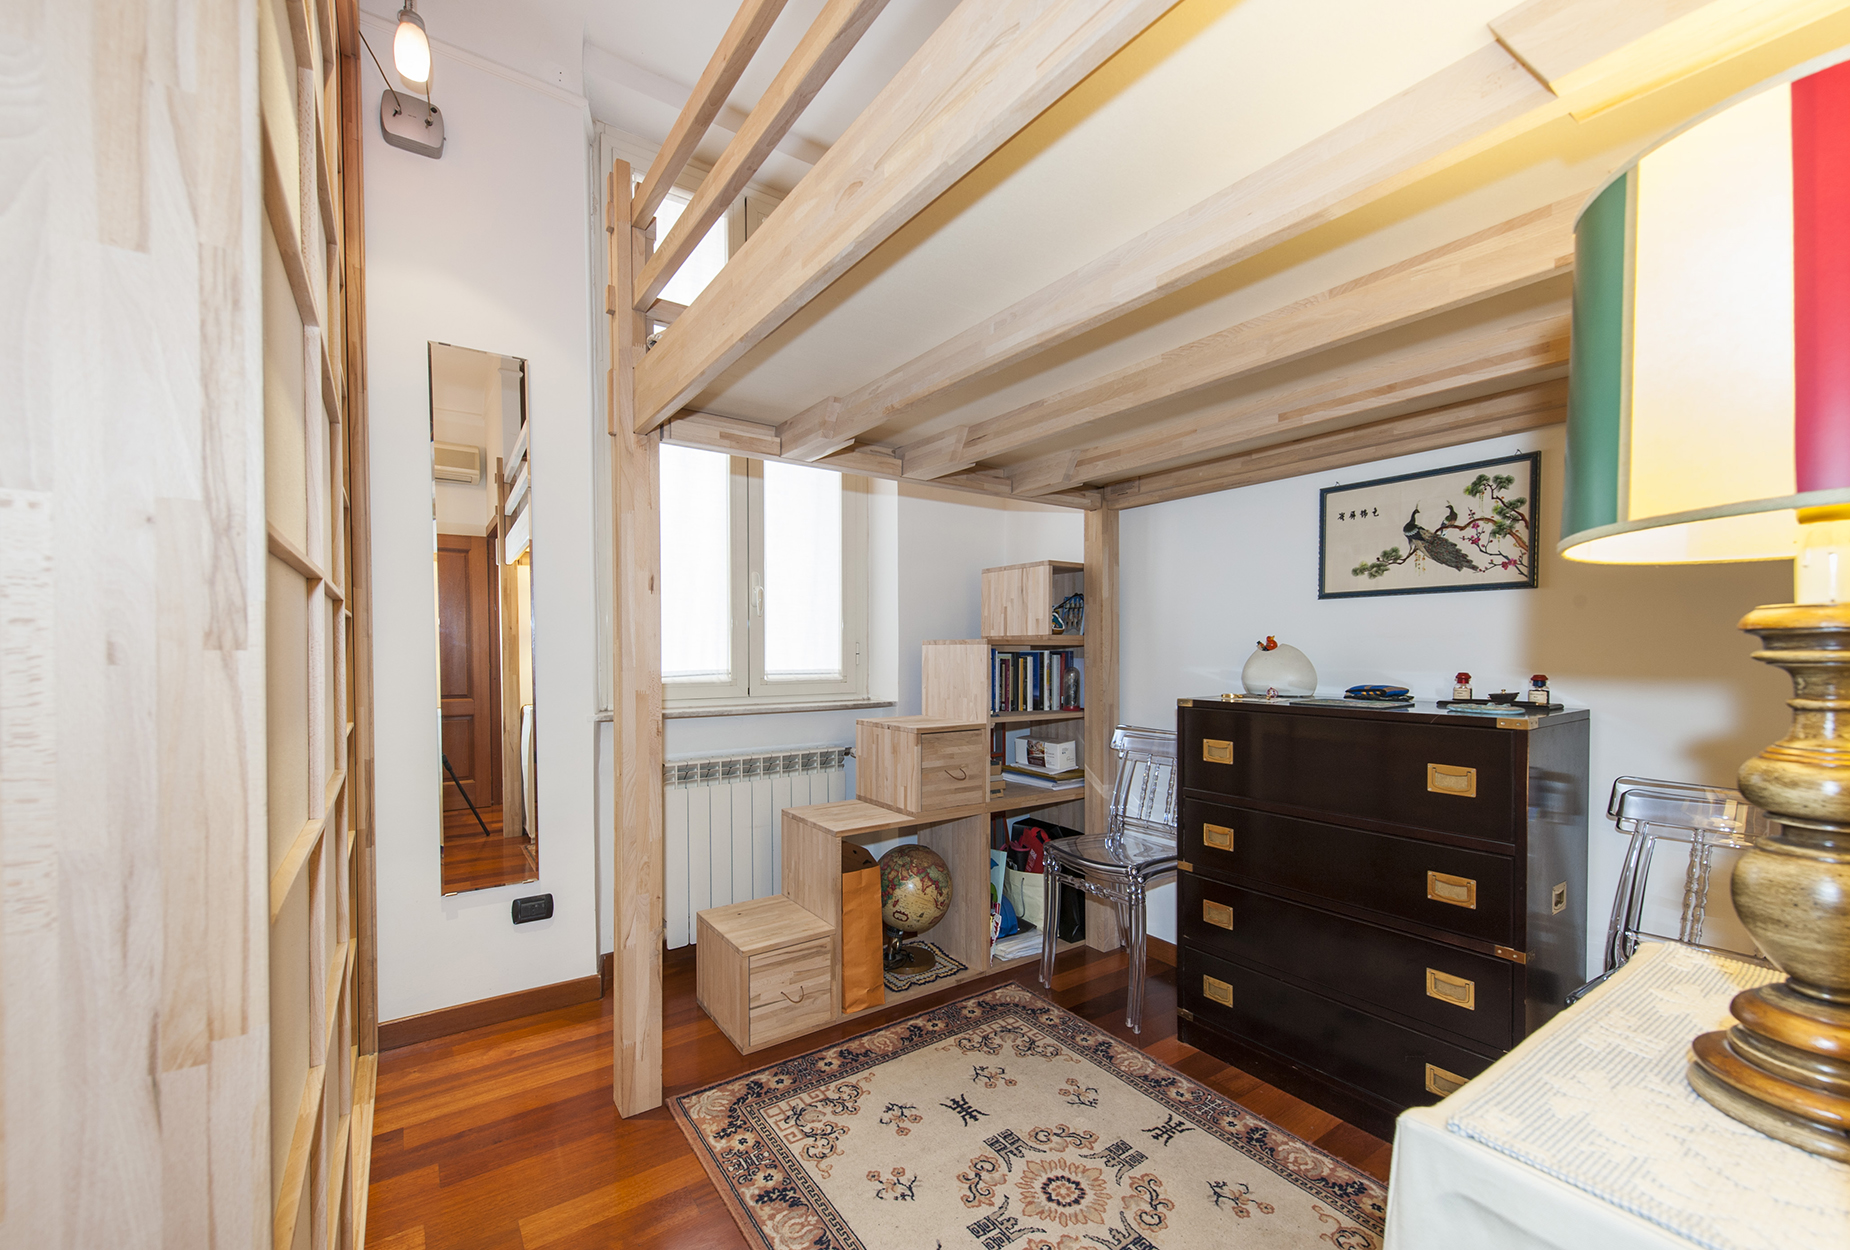 Appartamento in Vendita a Roma: 2 locali, 58 mq - Foto 8